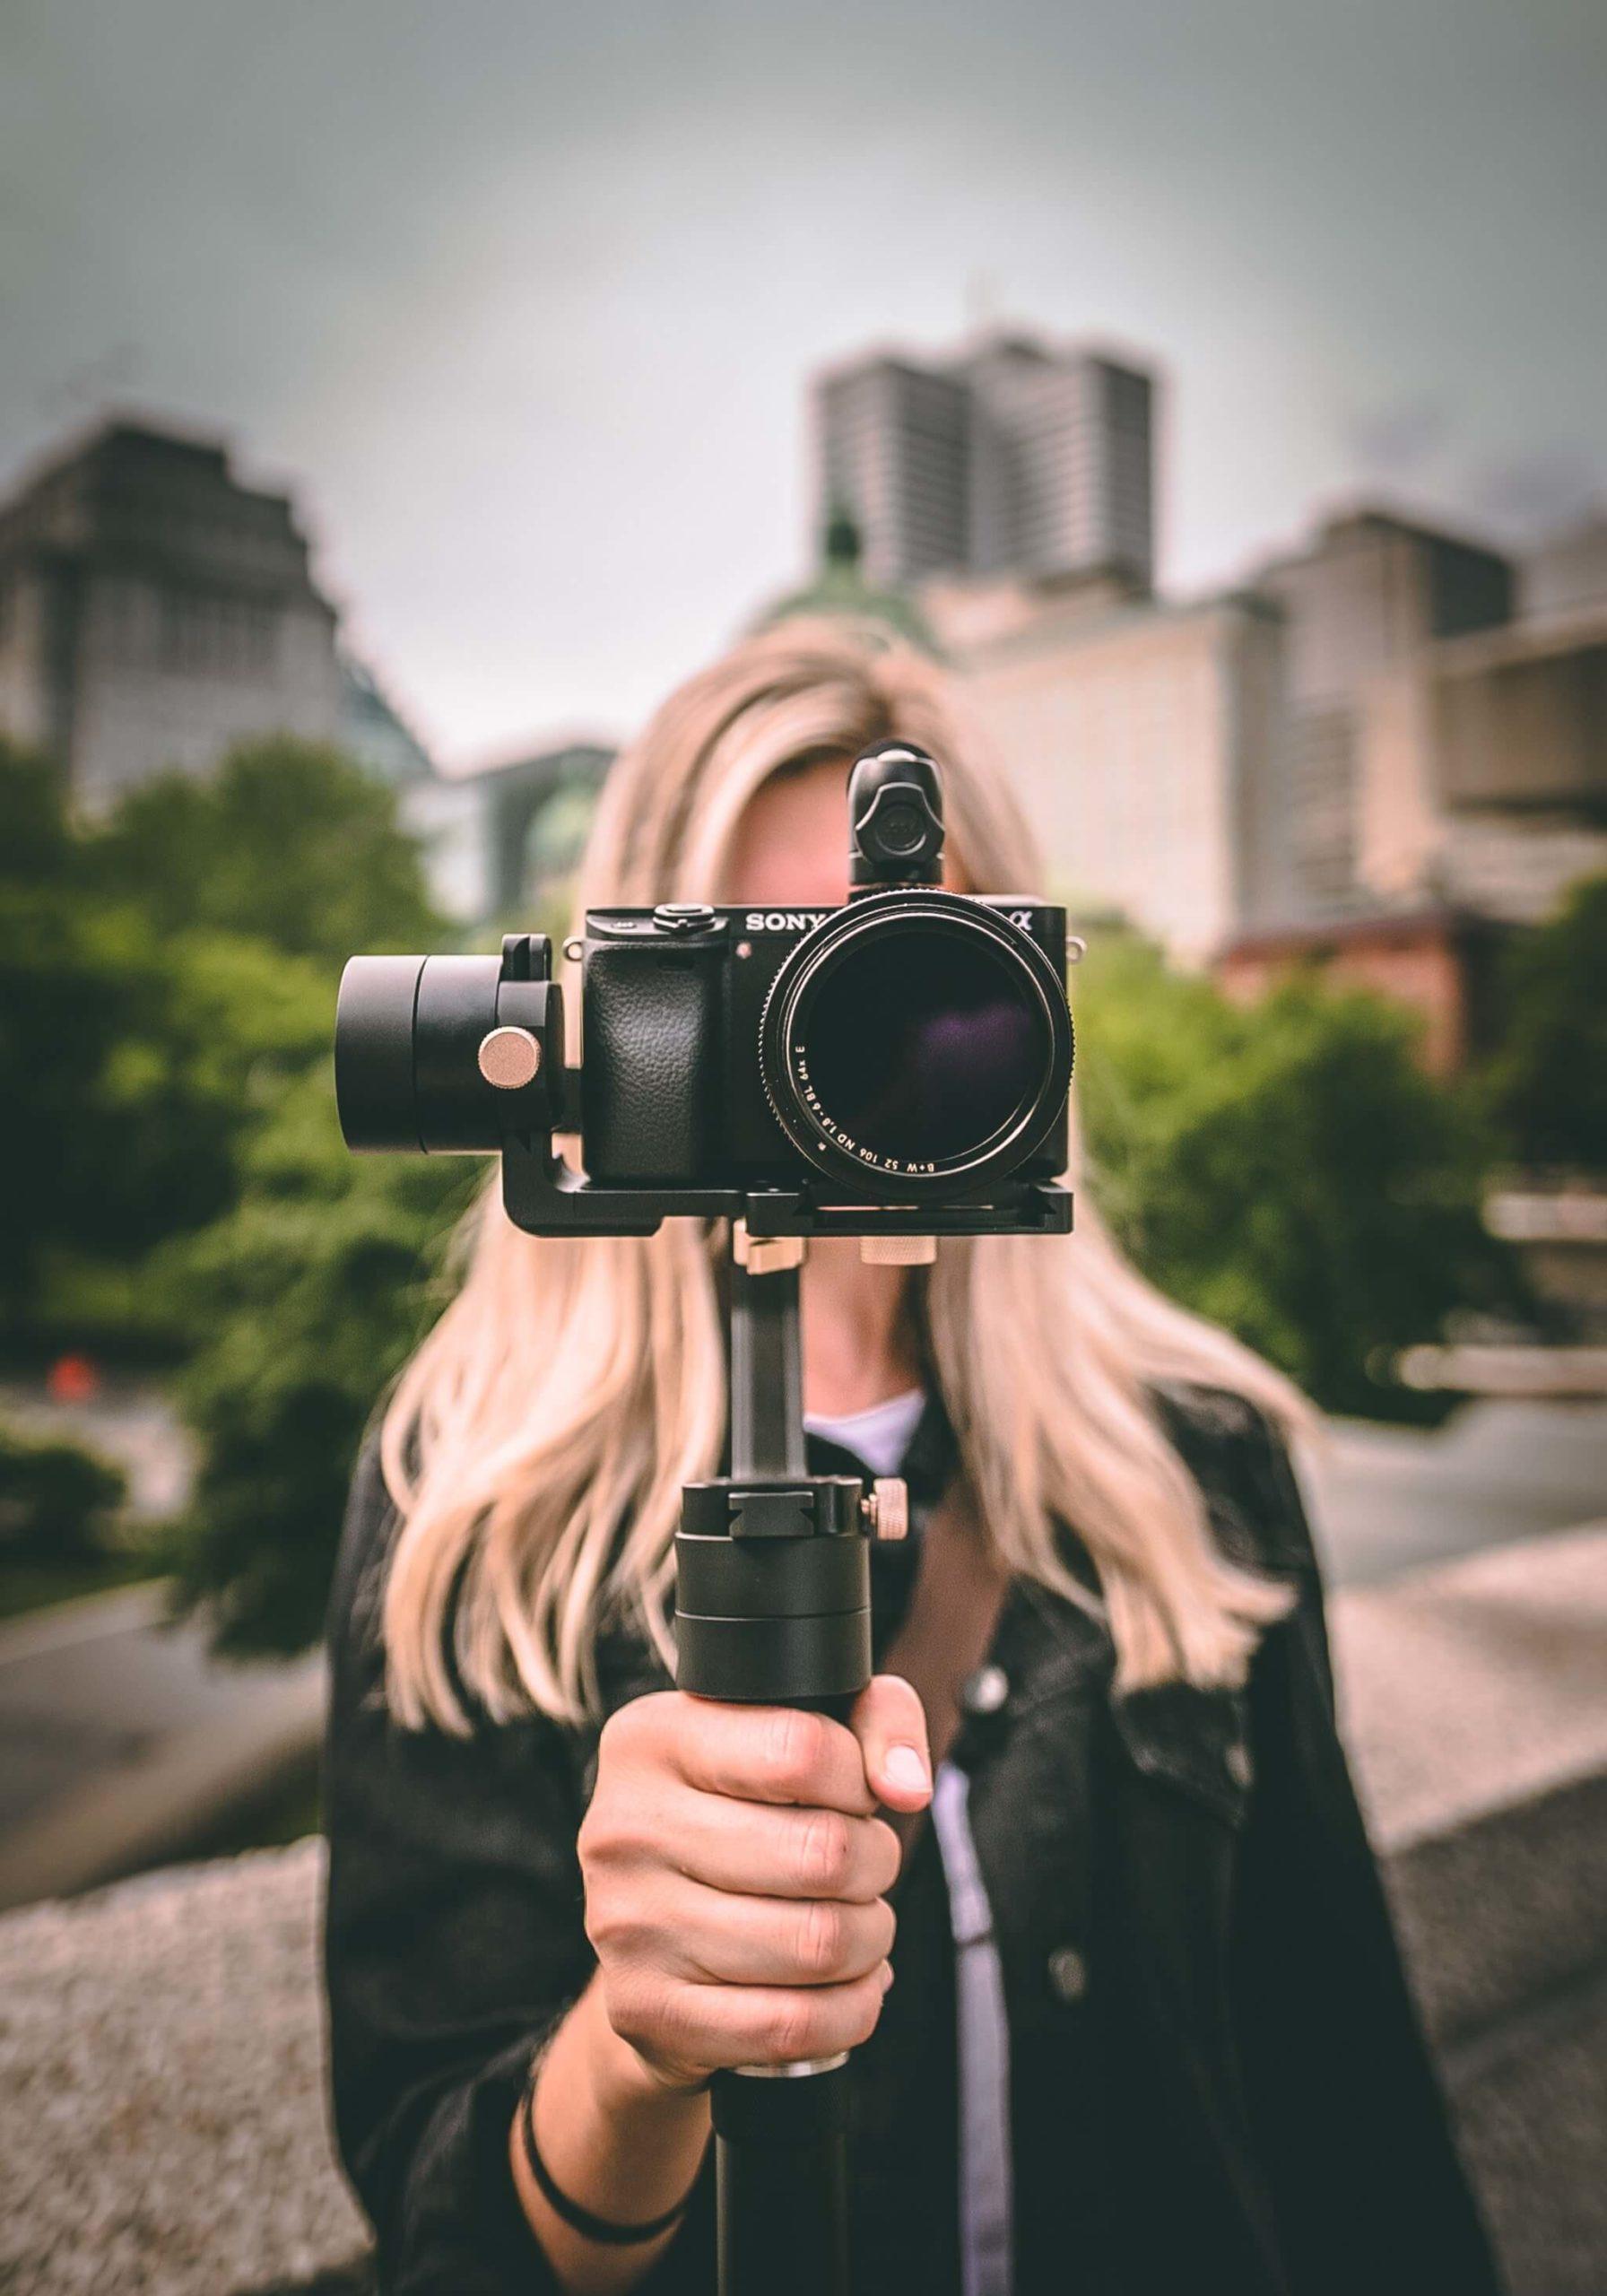 Vlogの収益化について【 5つの方法をご紹介 】